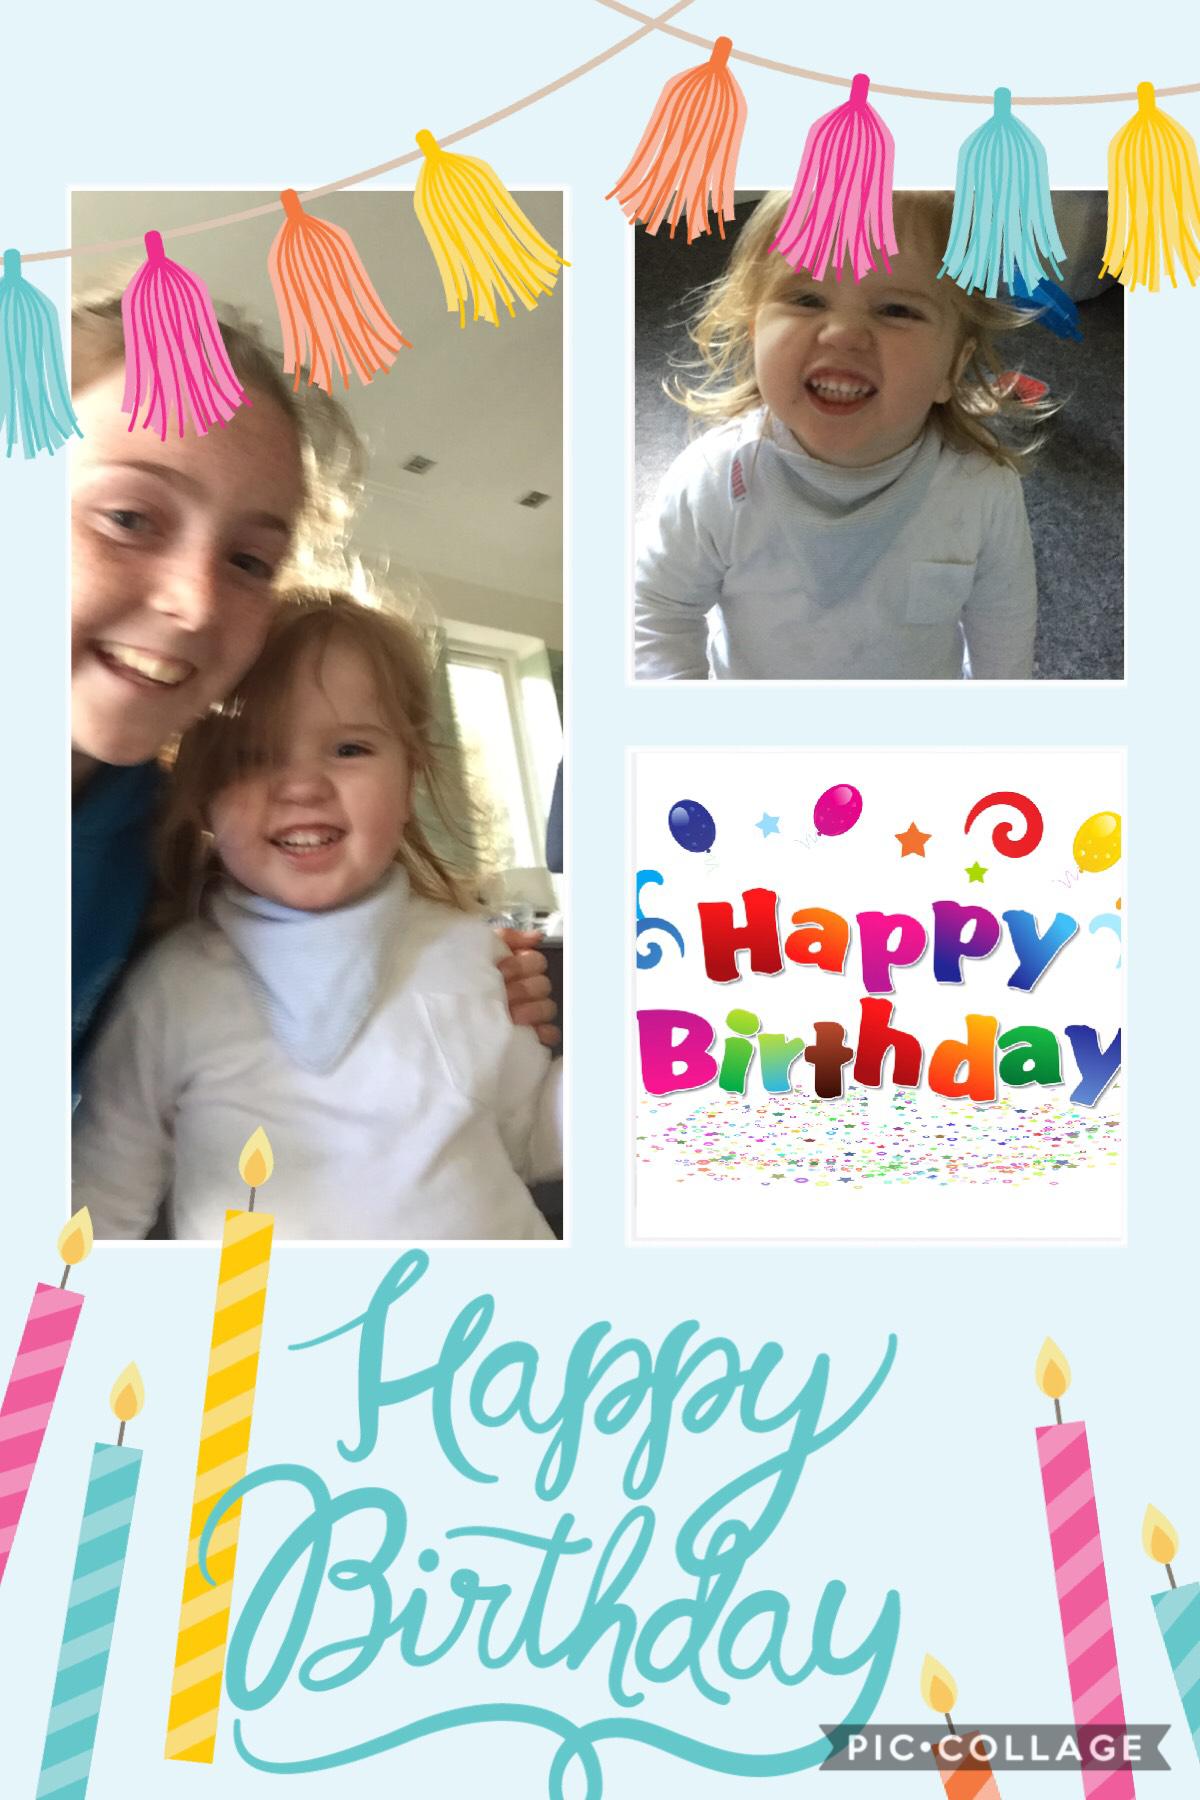 Happy birthday Cole